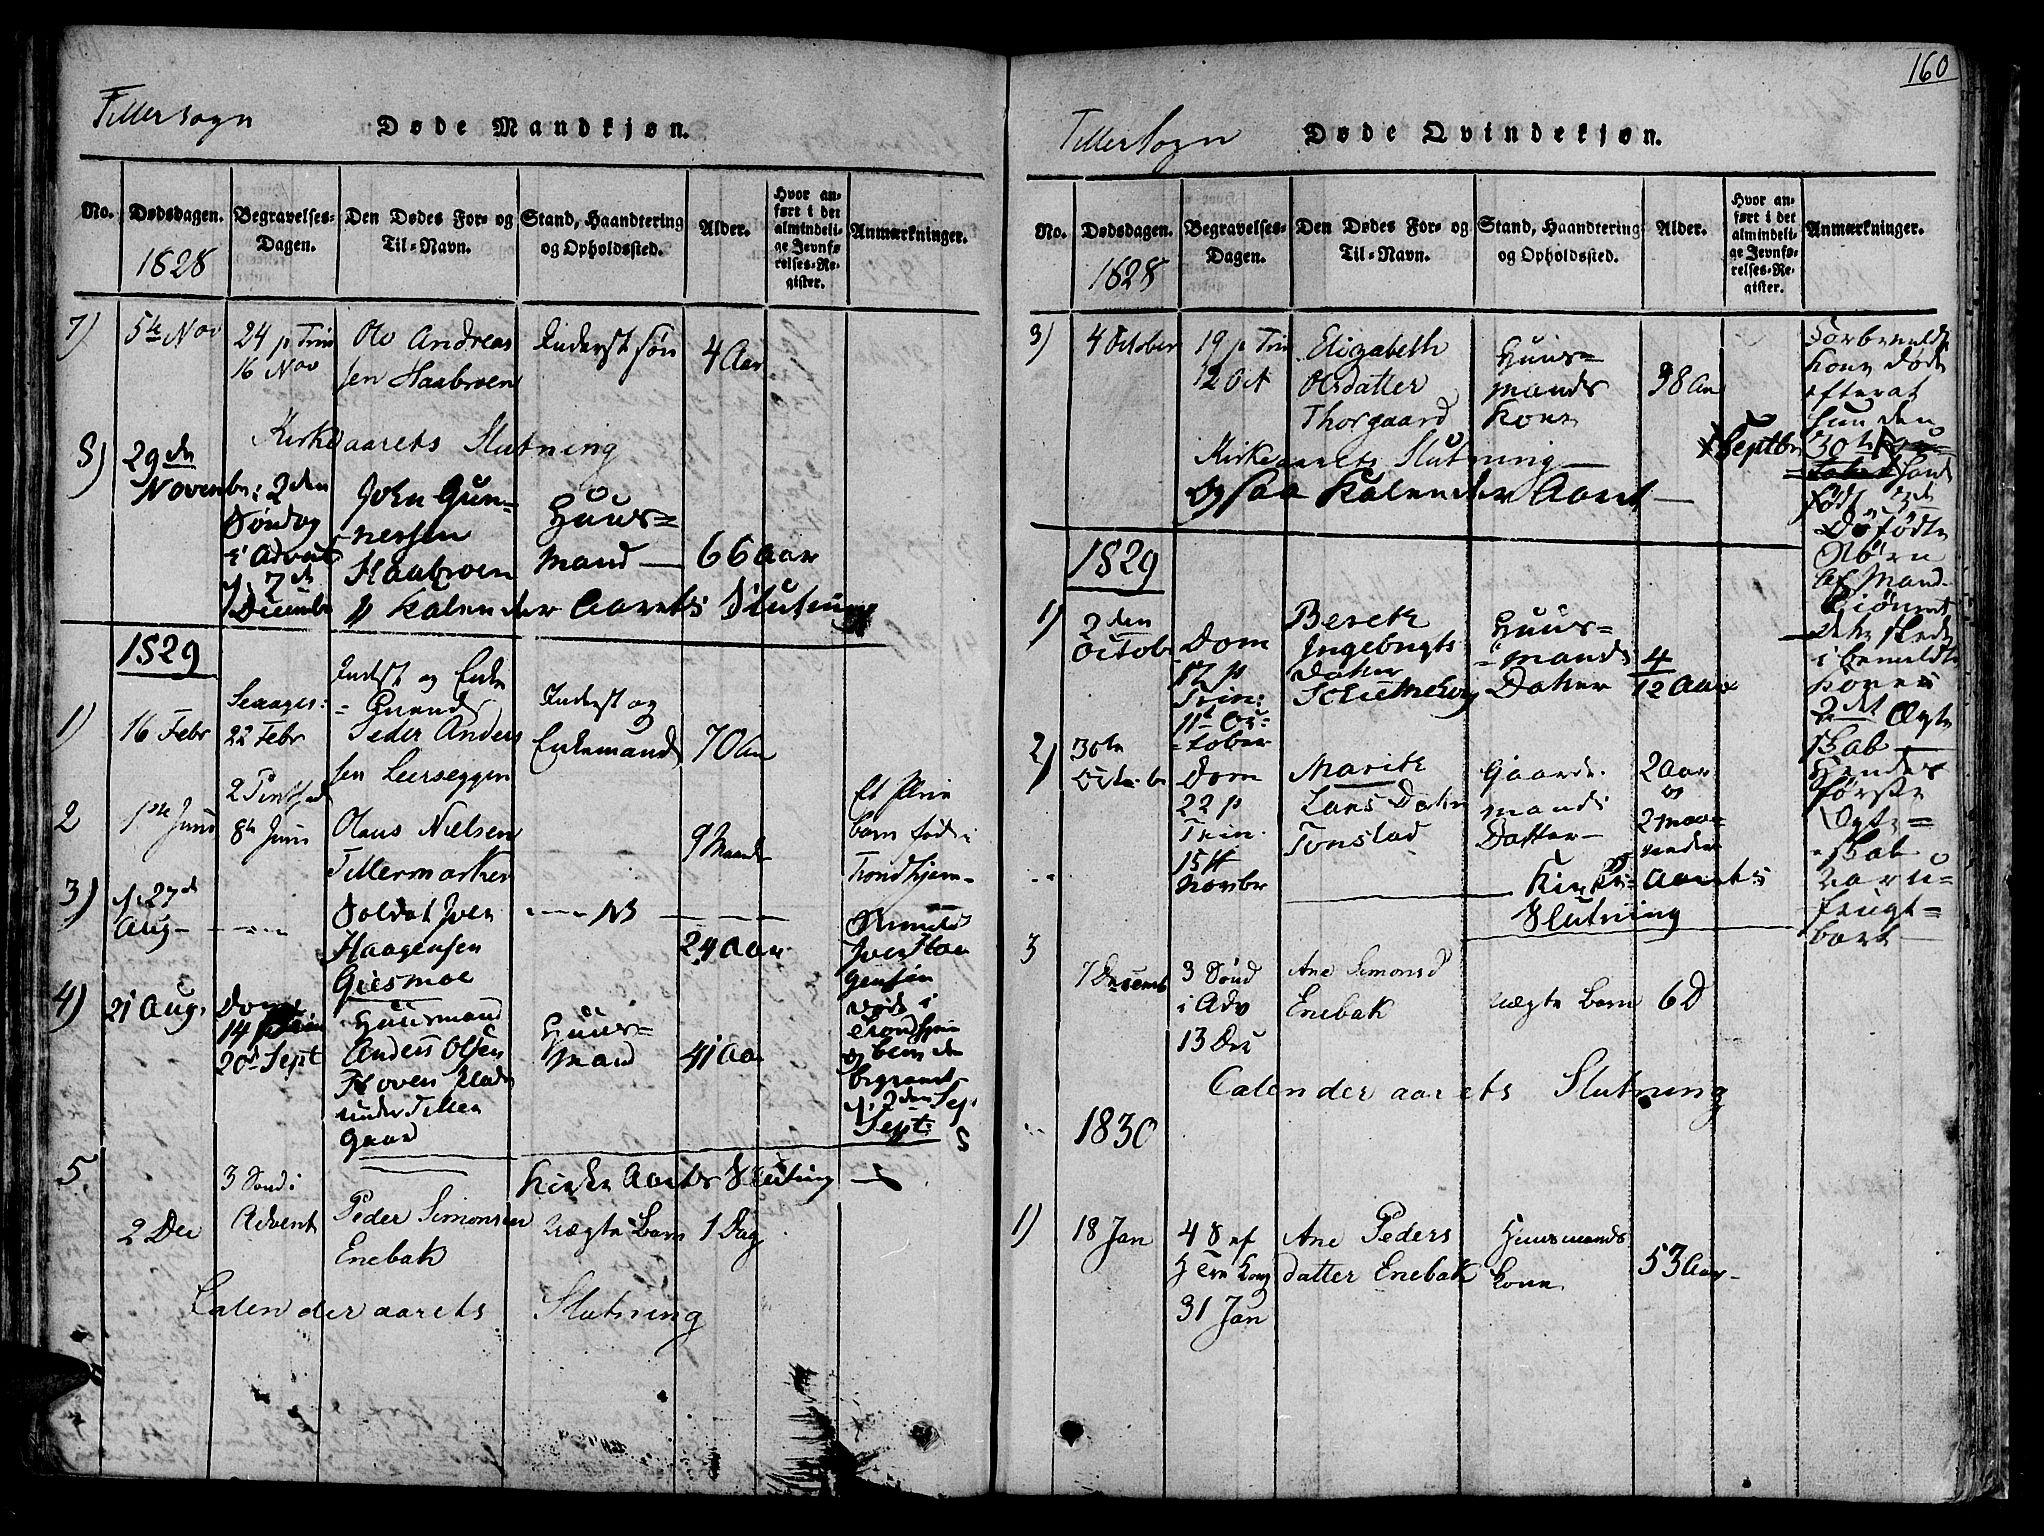 SAT, Ministerialprotokoller, klokkerbøker og fødselsregistre - Sør-Trøndelag, 618/L0440: Ministerialbok nr. 618A04 /2, 1816-1843, s. 160